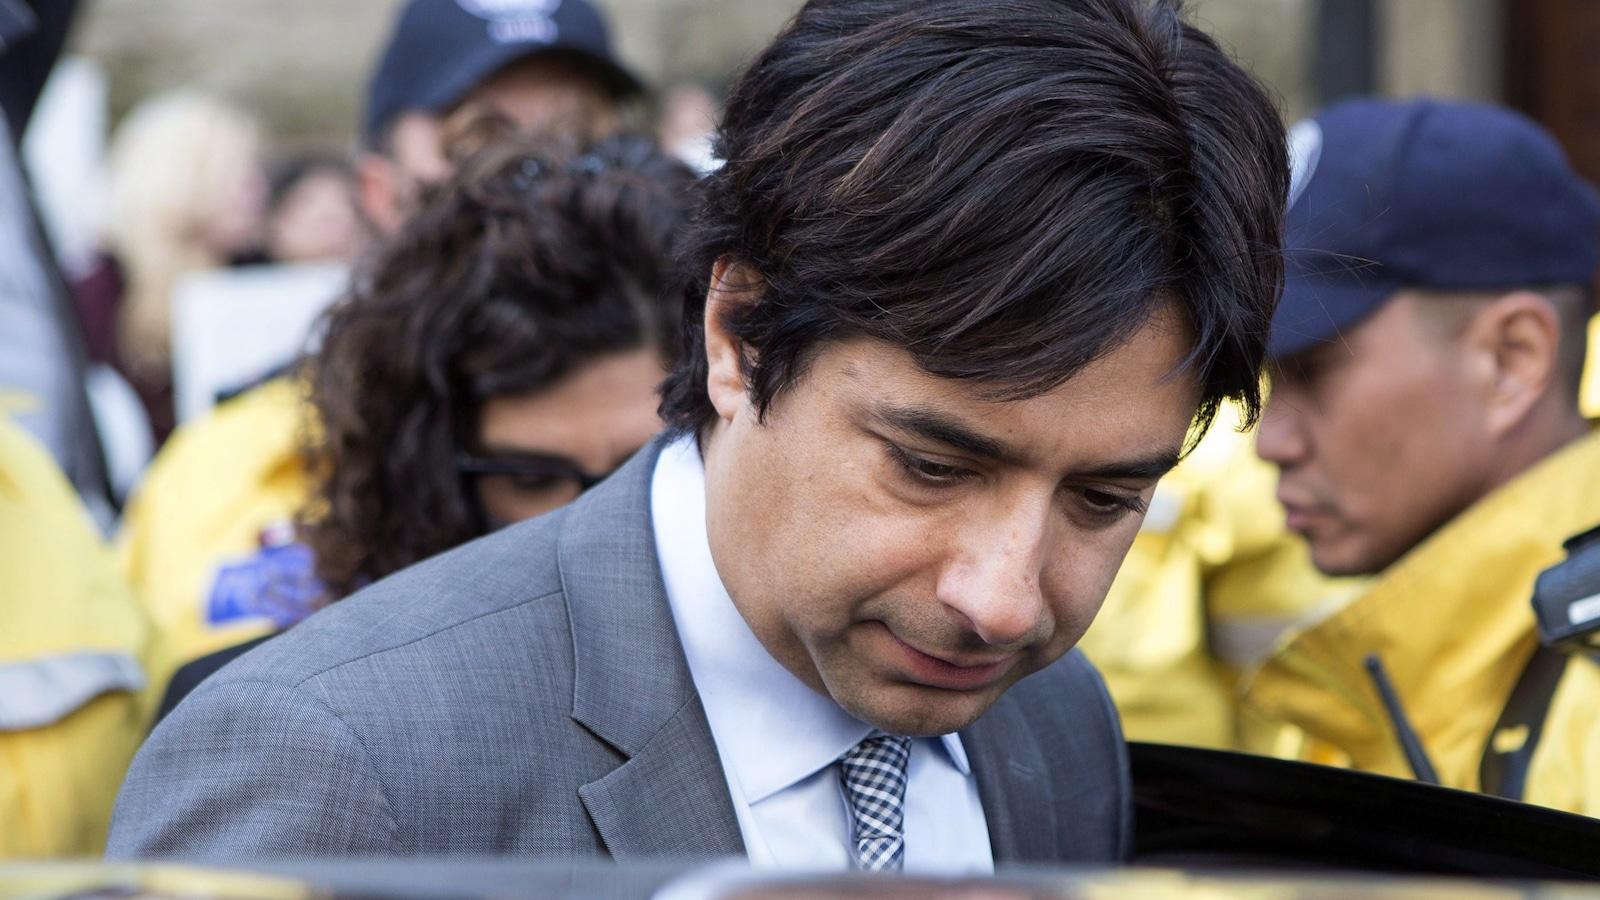 L'ex-animateur de la CBC, Jian Ghomeshi, quitte le tribunal en mai 2016 à Toronto.